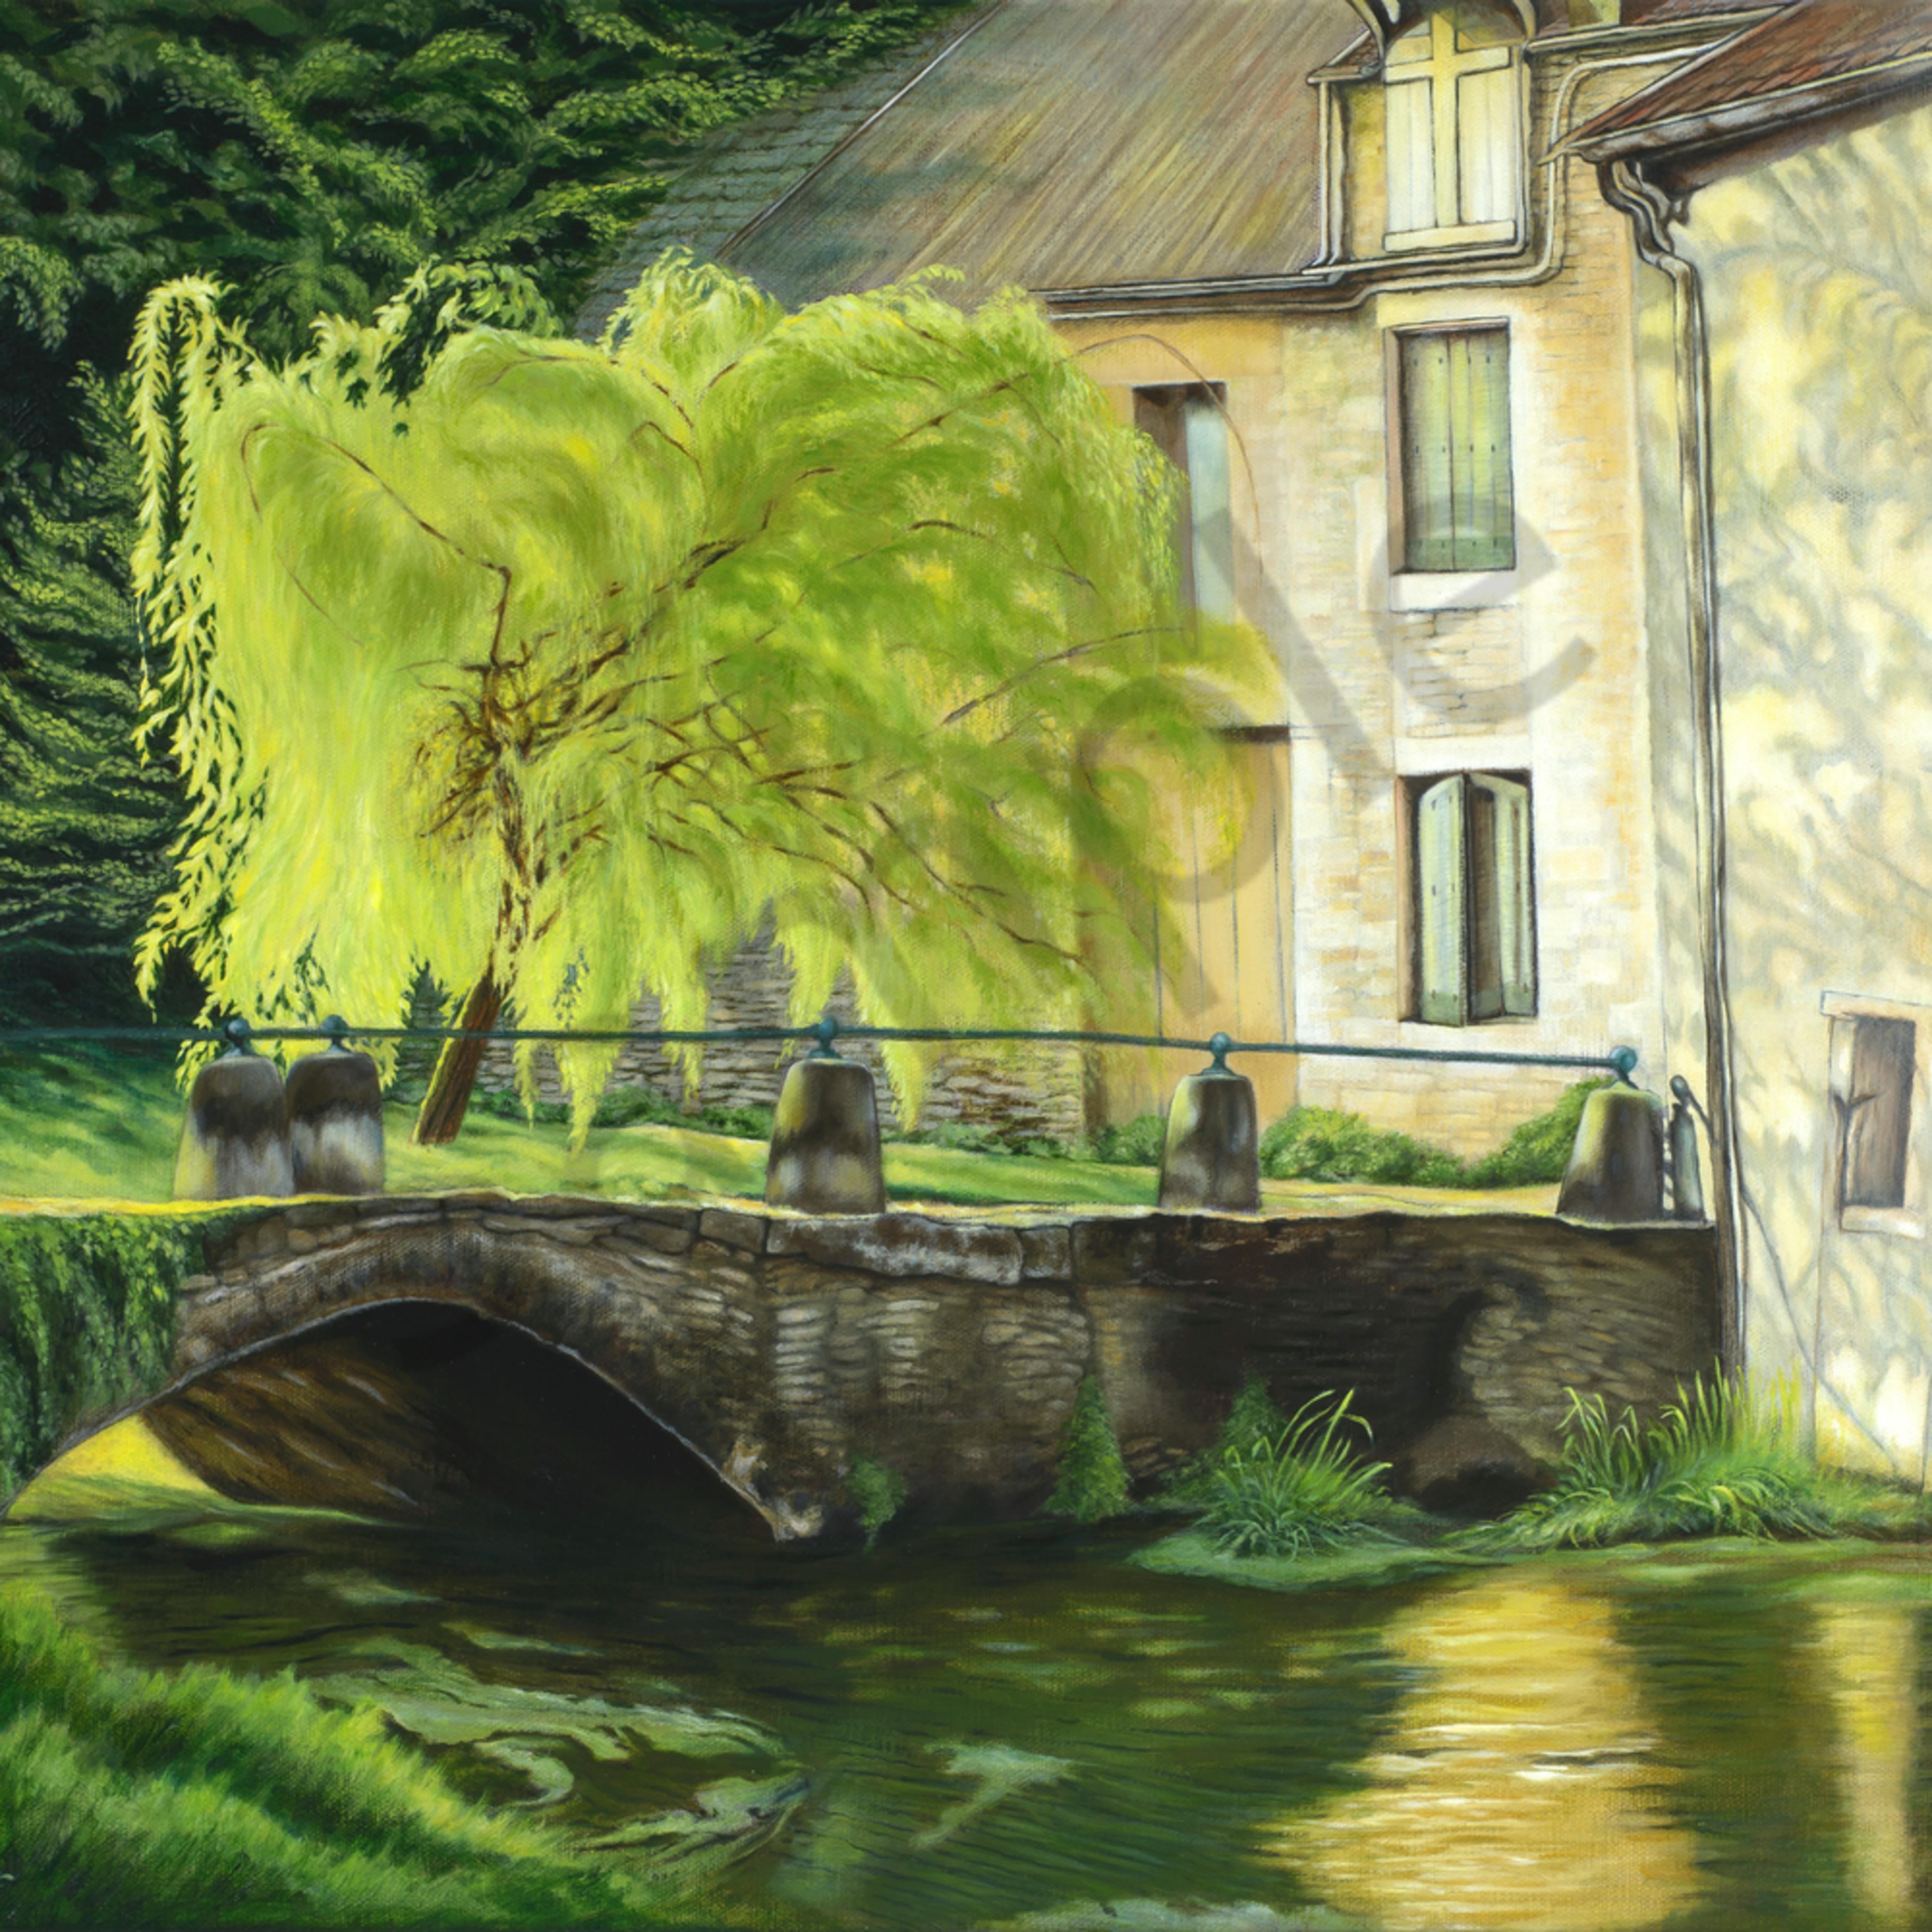 Willow at rue du la douix chatillon tpw3wi